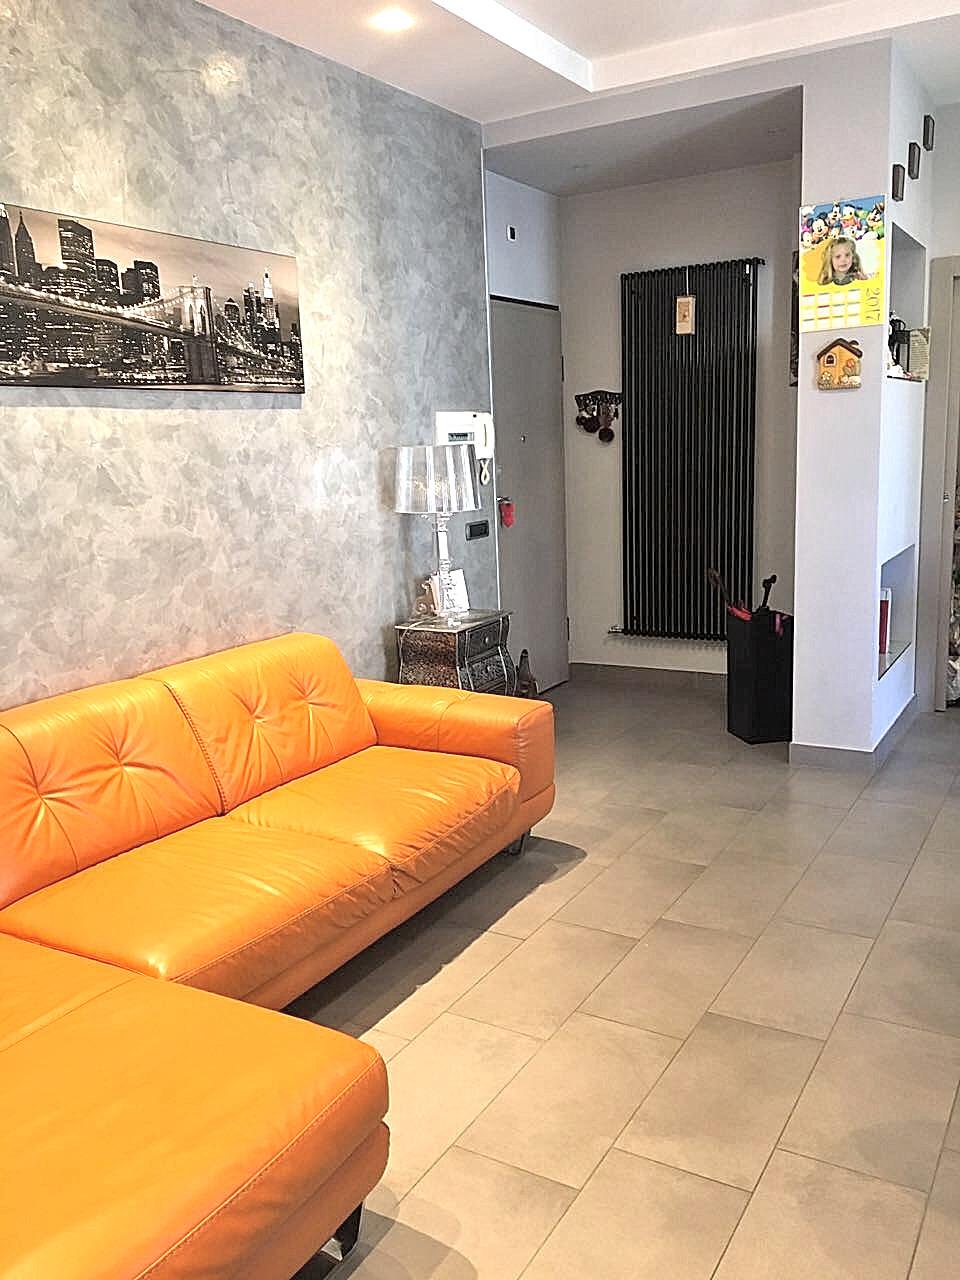 Appartamento in vendita a Arrone, 4 locali, zona Località: Arrone-Centro, prezzo € 80.000 | CambioCasa.it